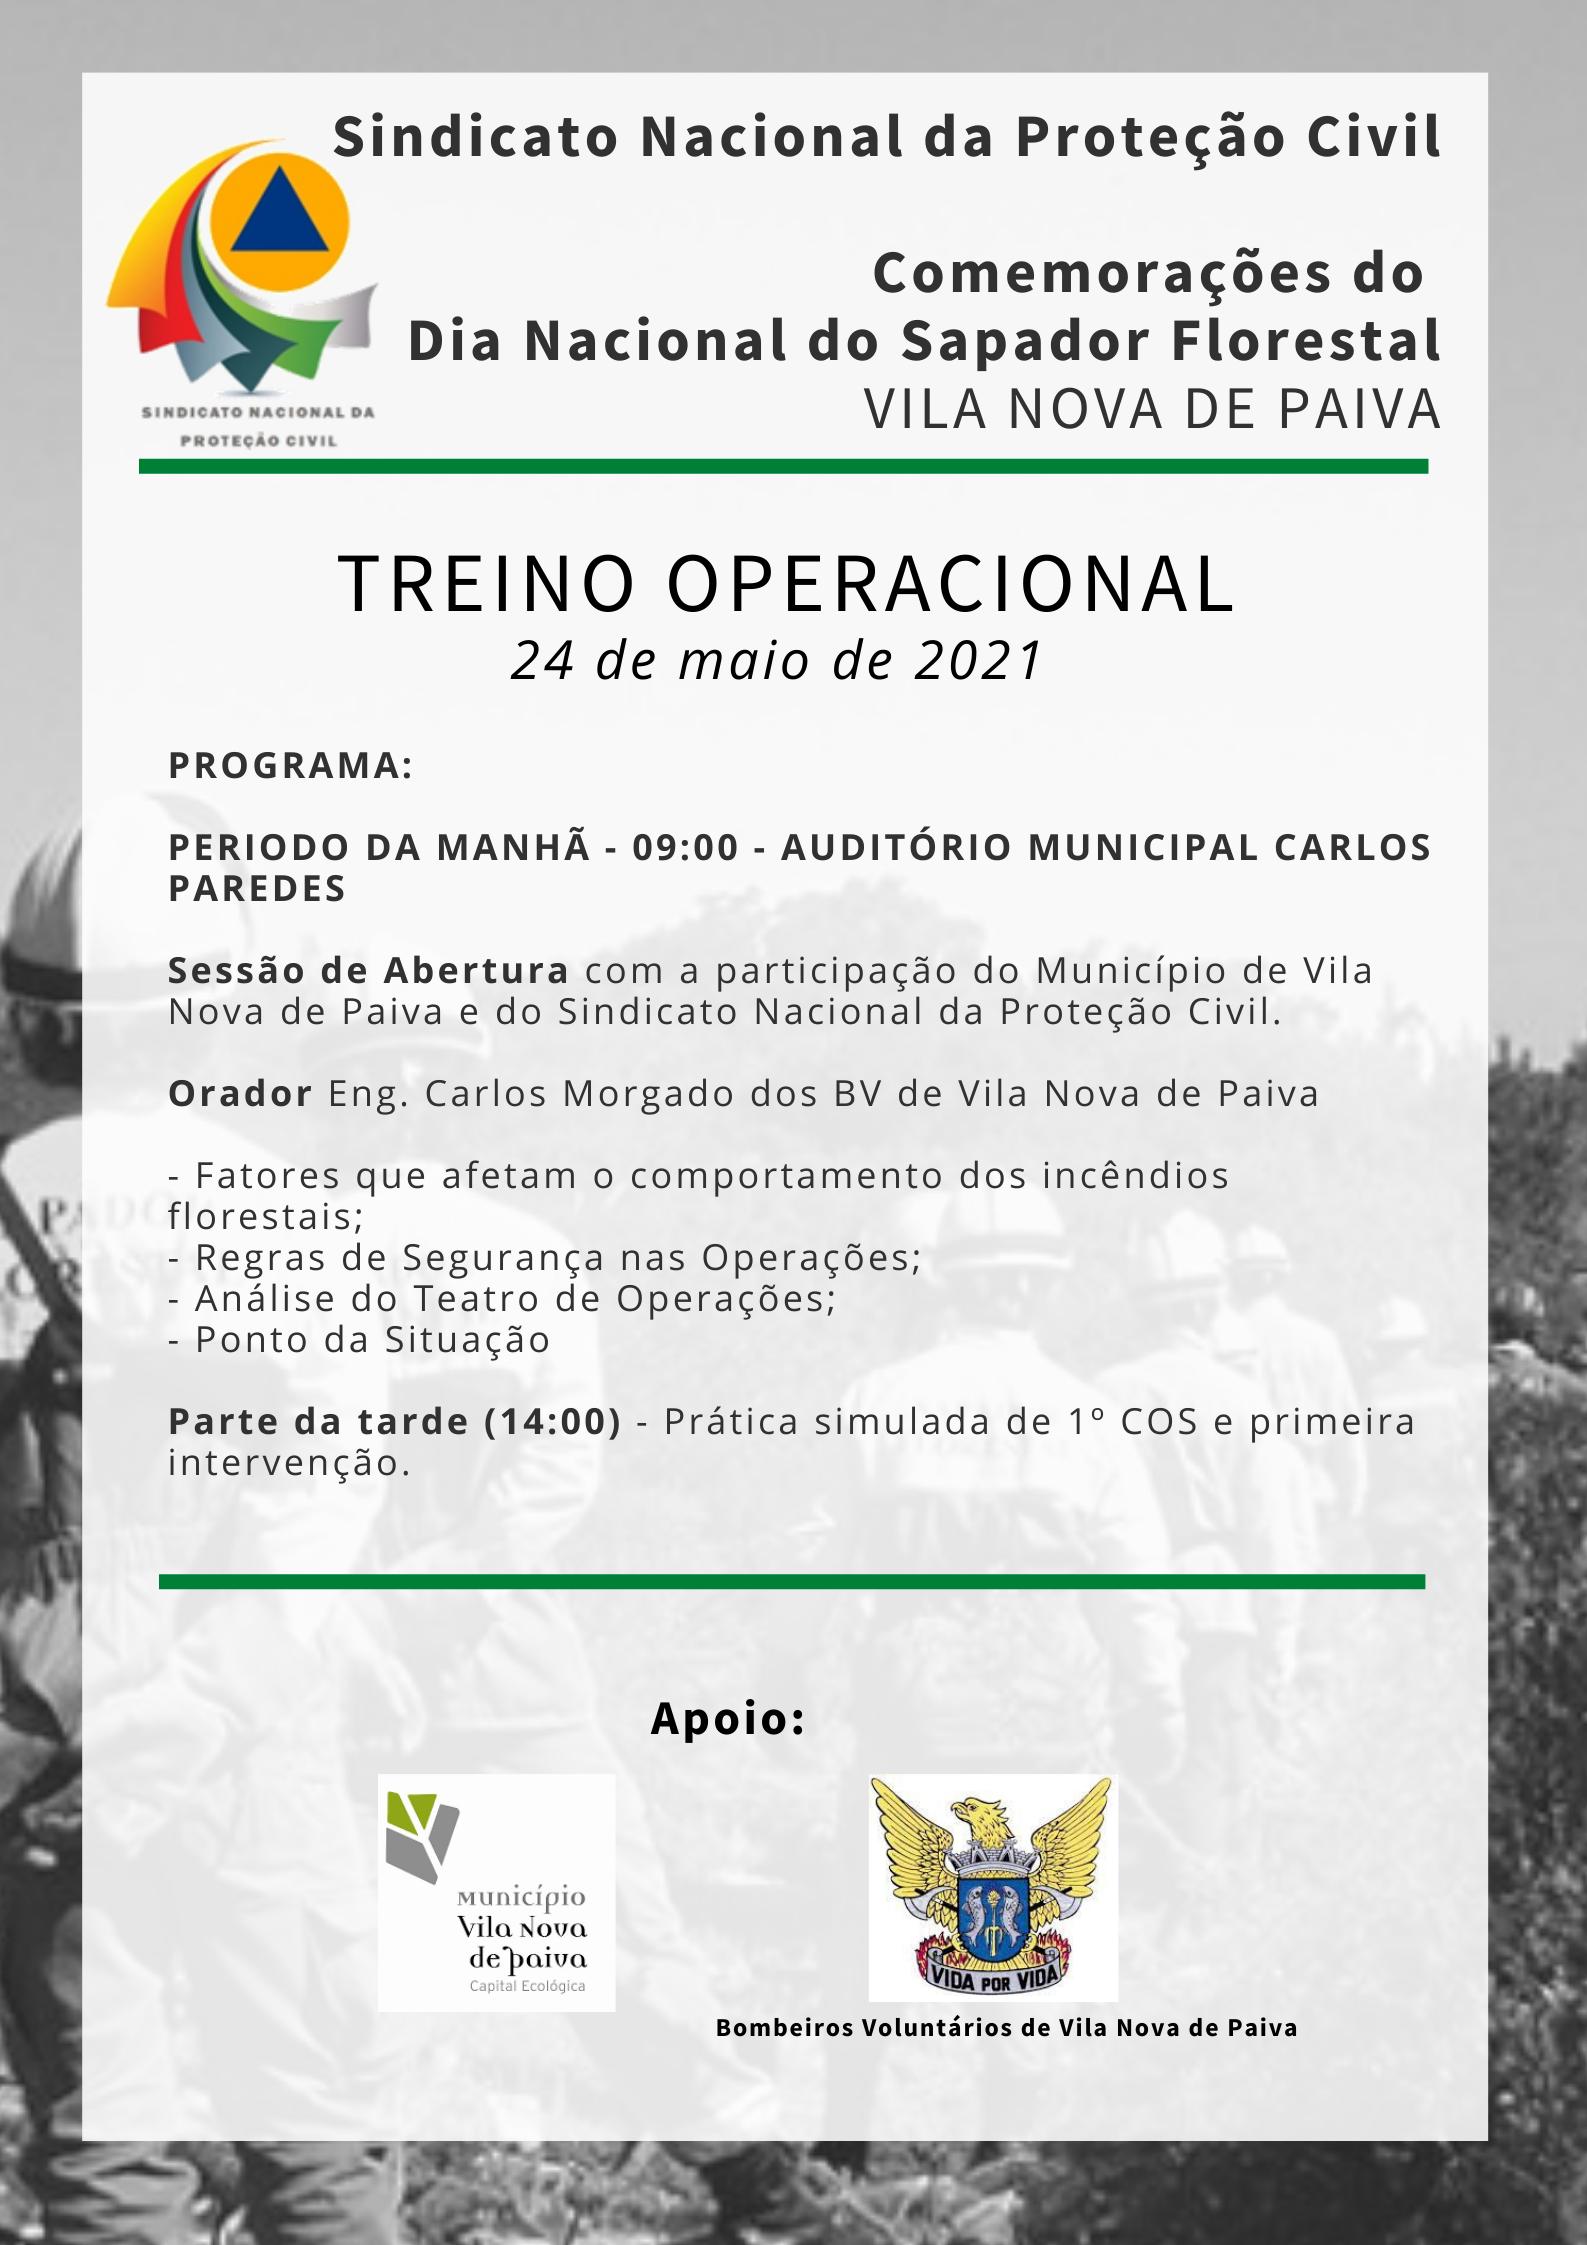 COMEMORAÇÕES DIA NACIONAL DO SAPADOR FLORESTAL (2)